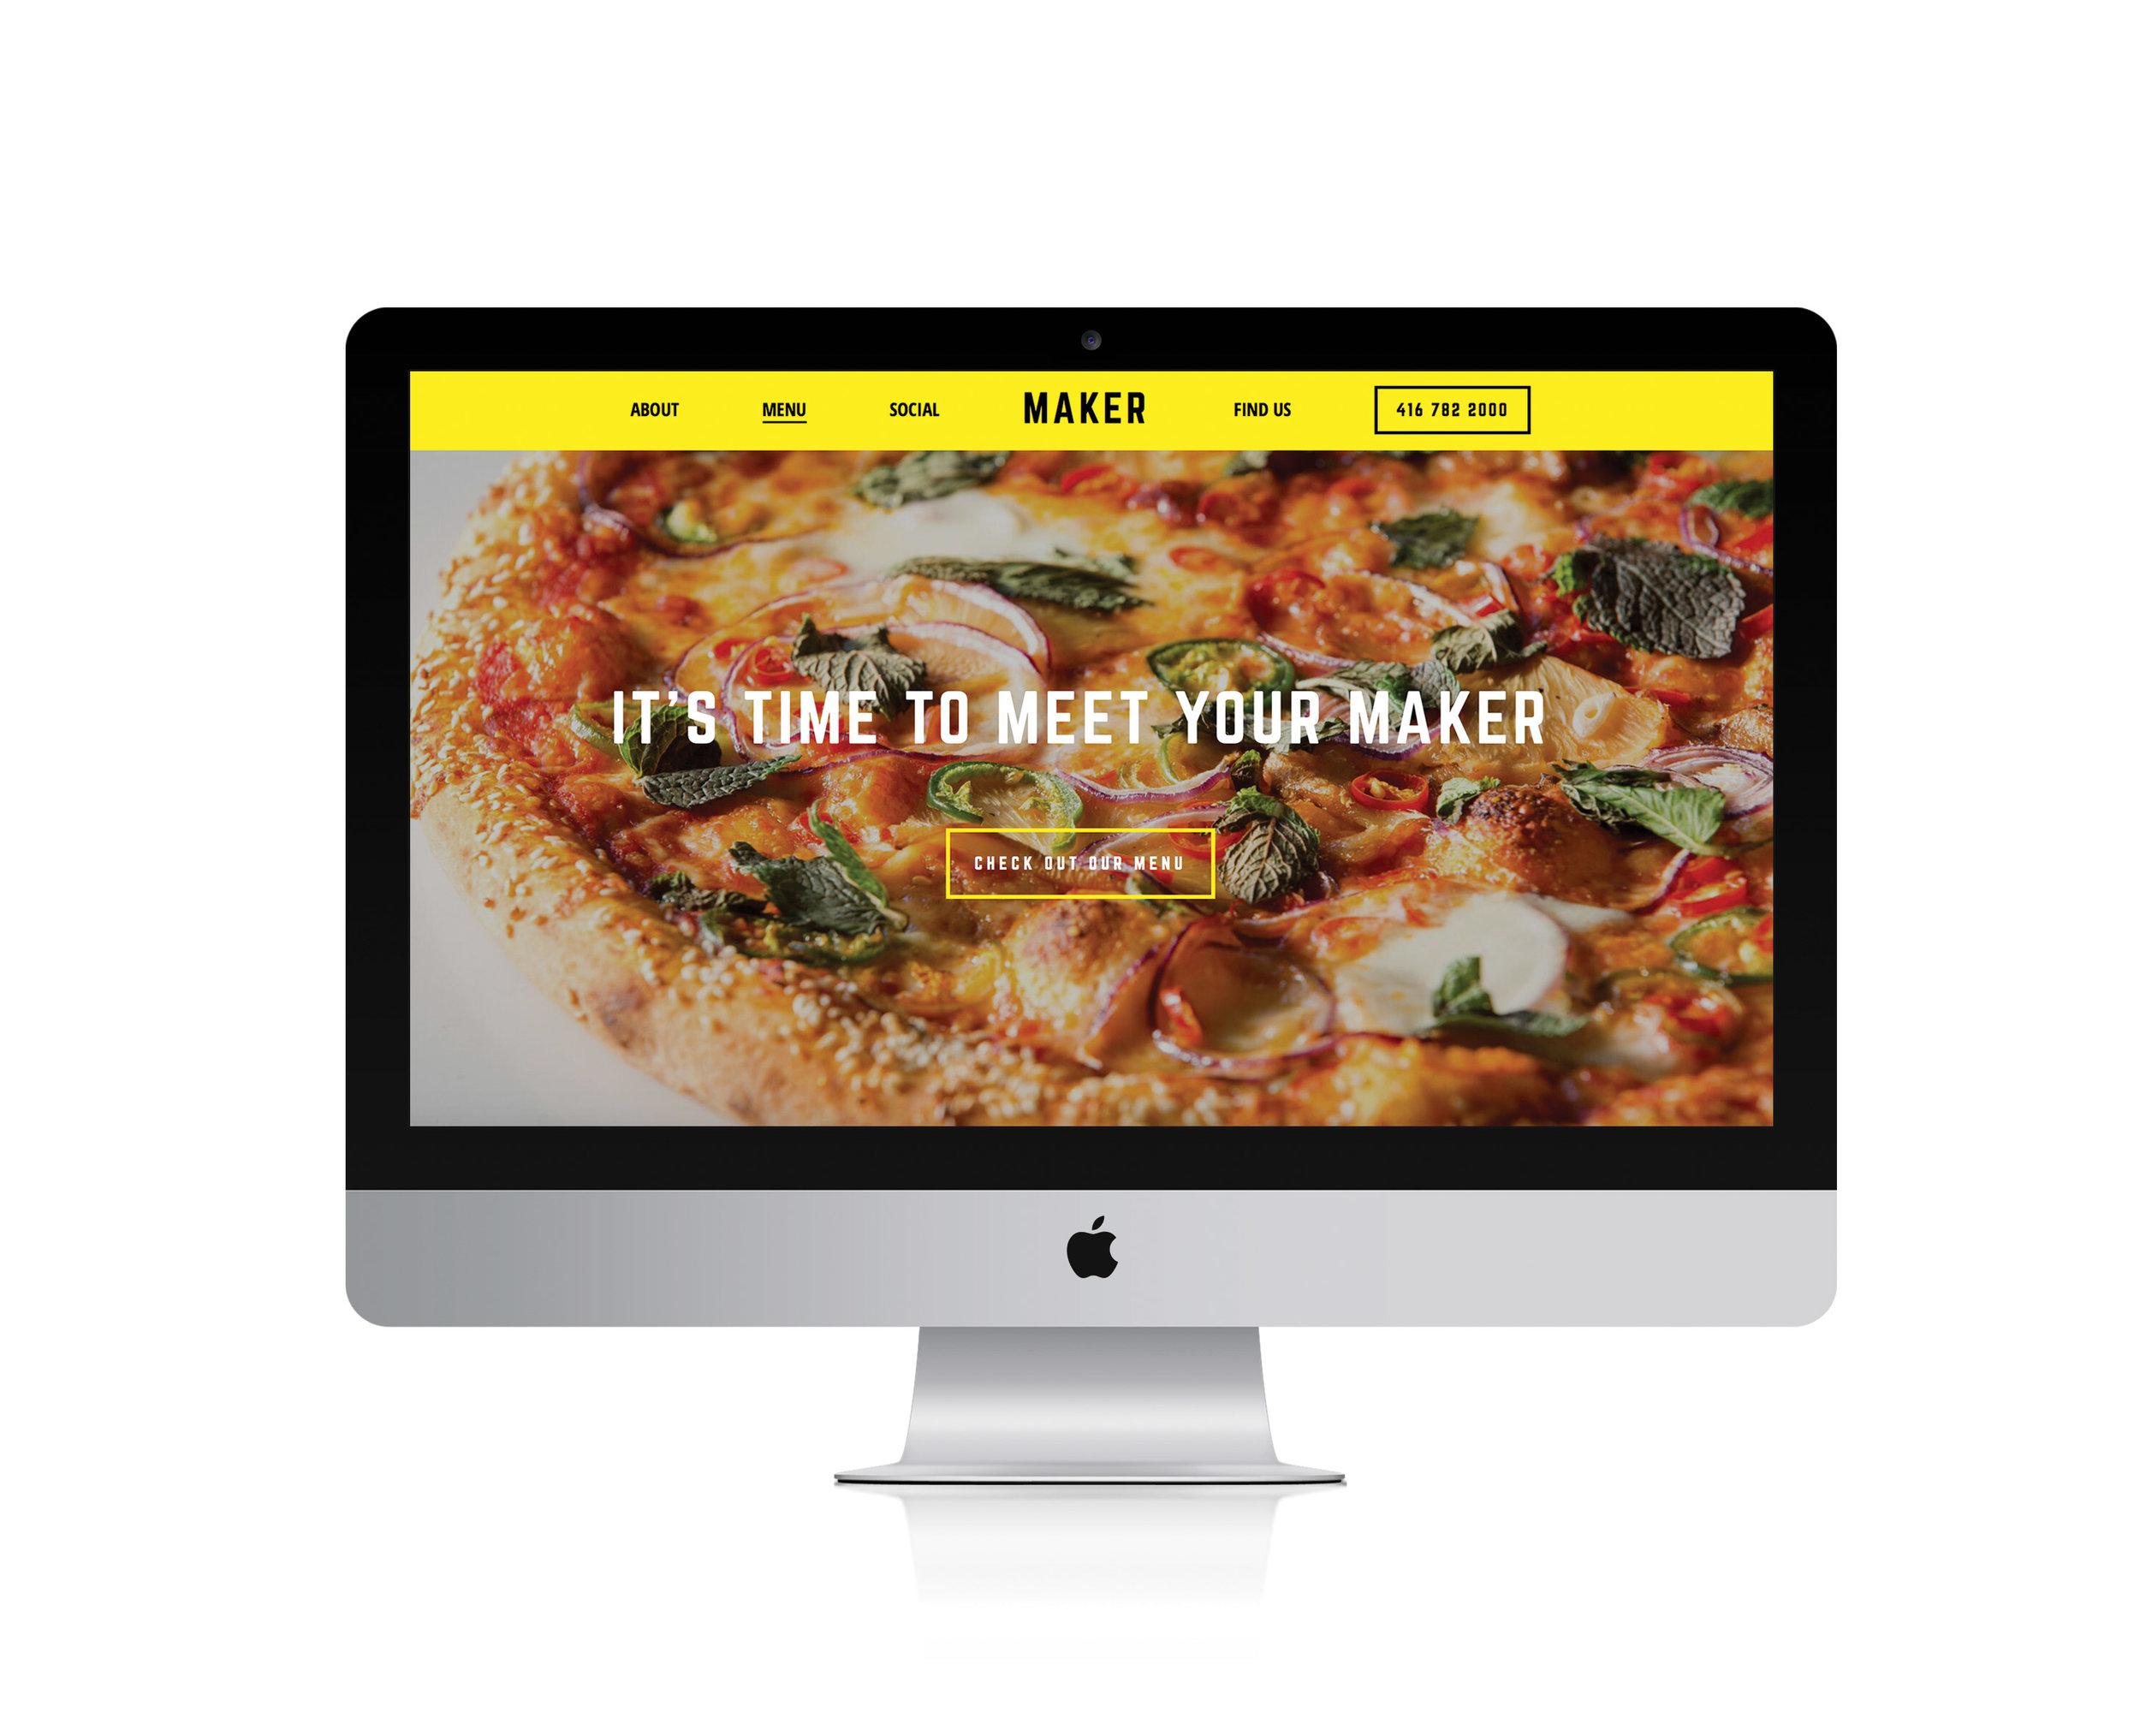 maker_website2.jpg